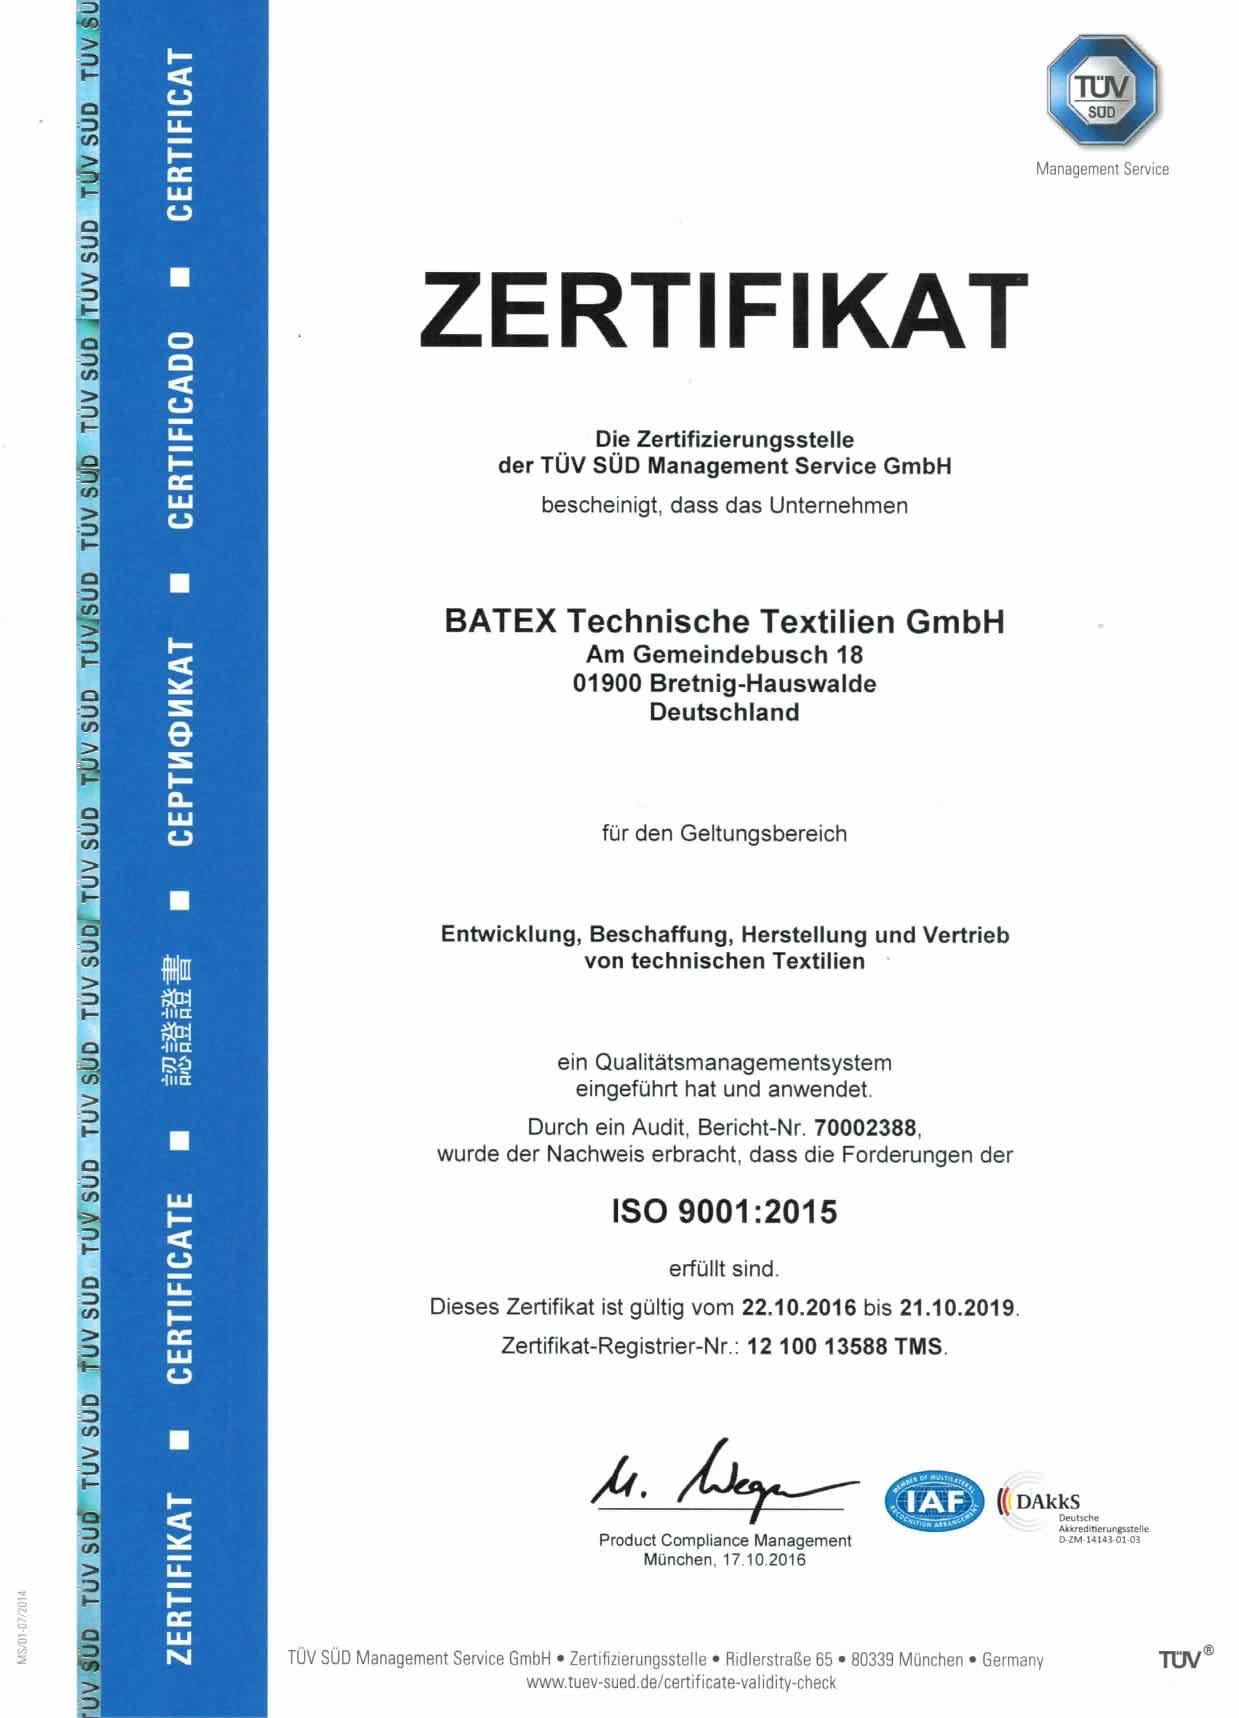 ISO-9001-2015_2016-BIS-21-10-2019_DEUTSCH-0